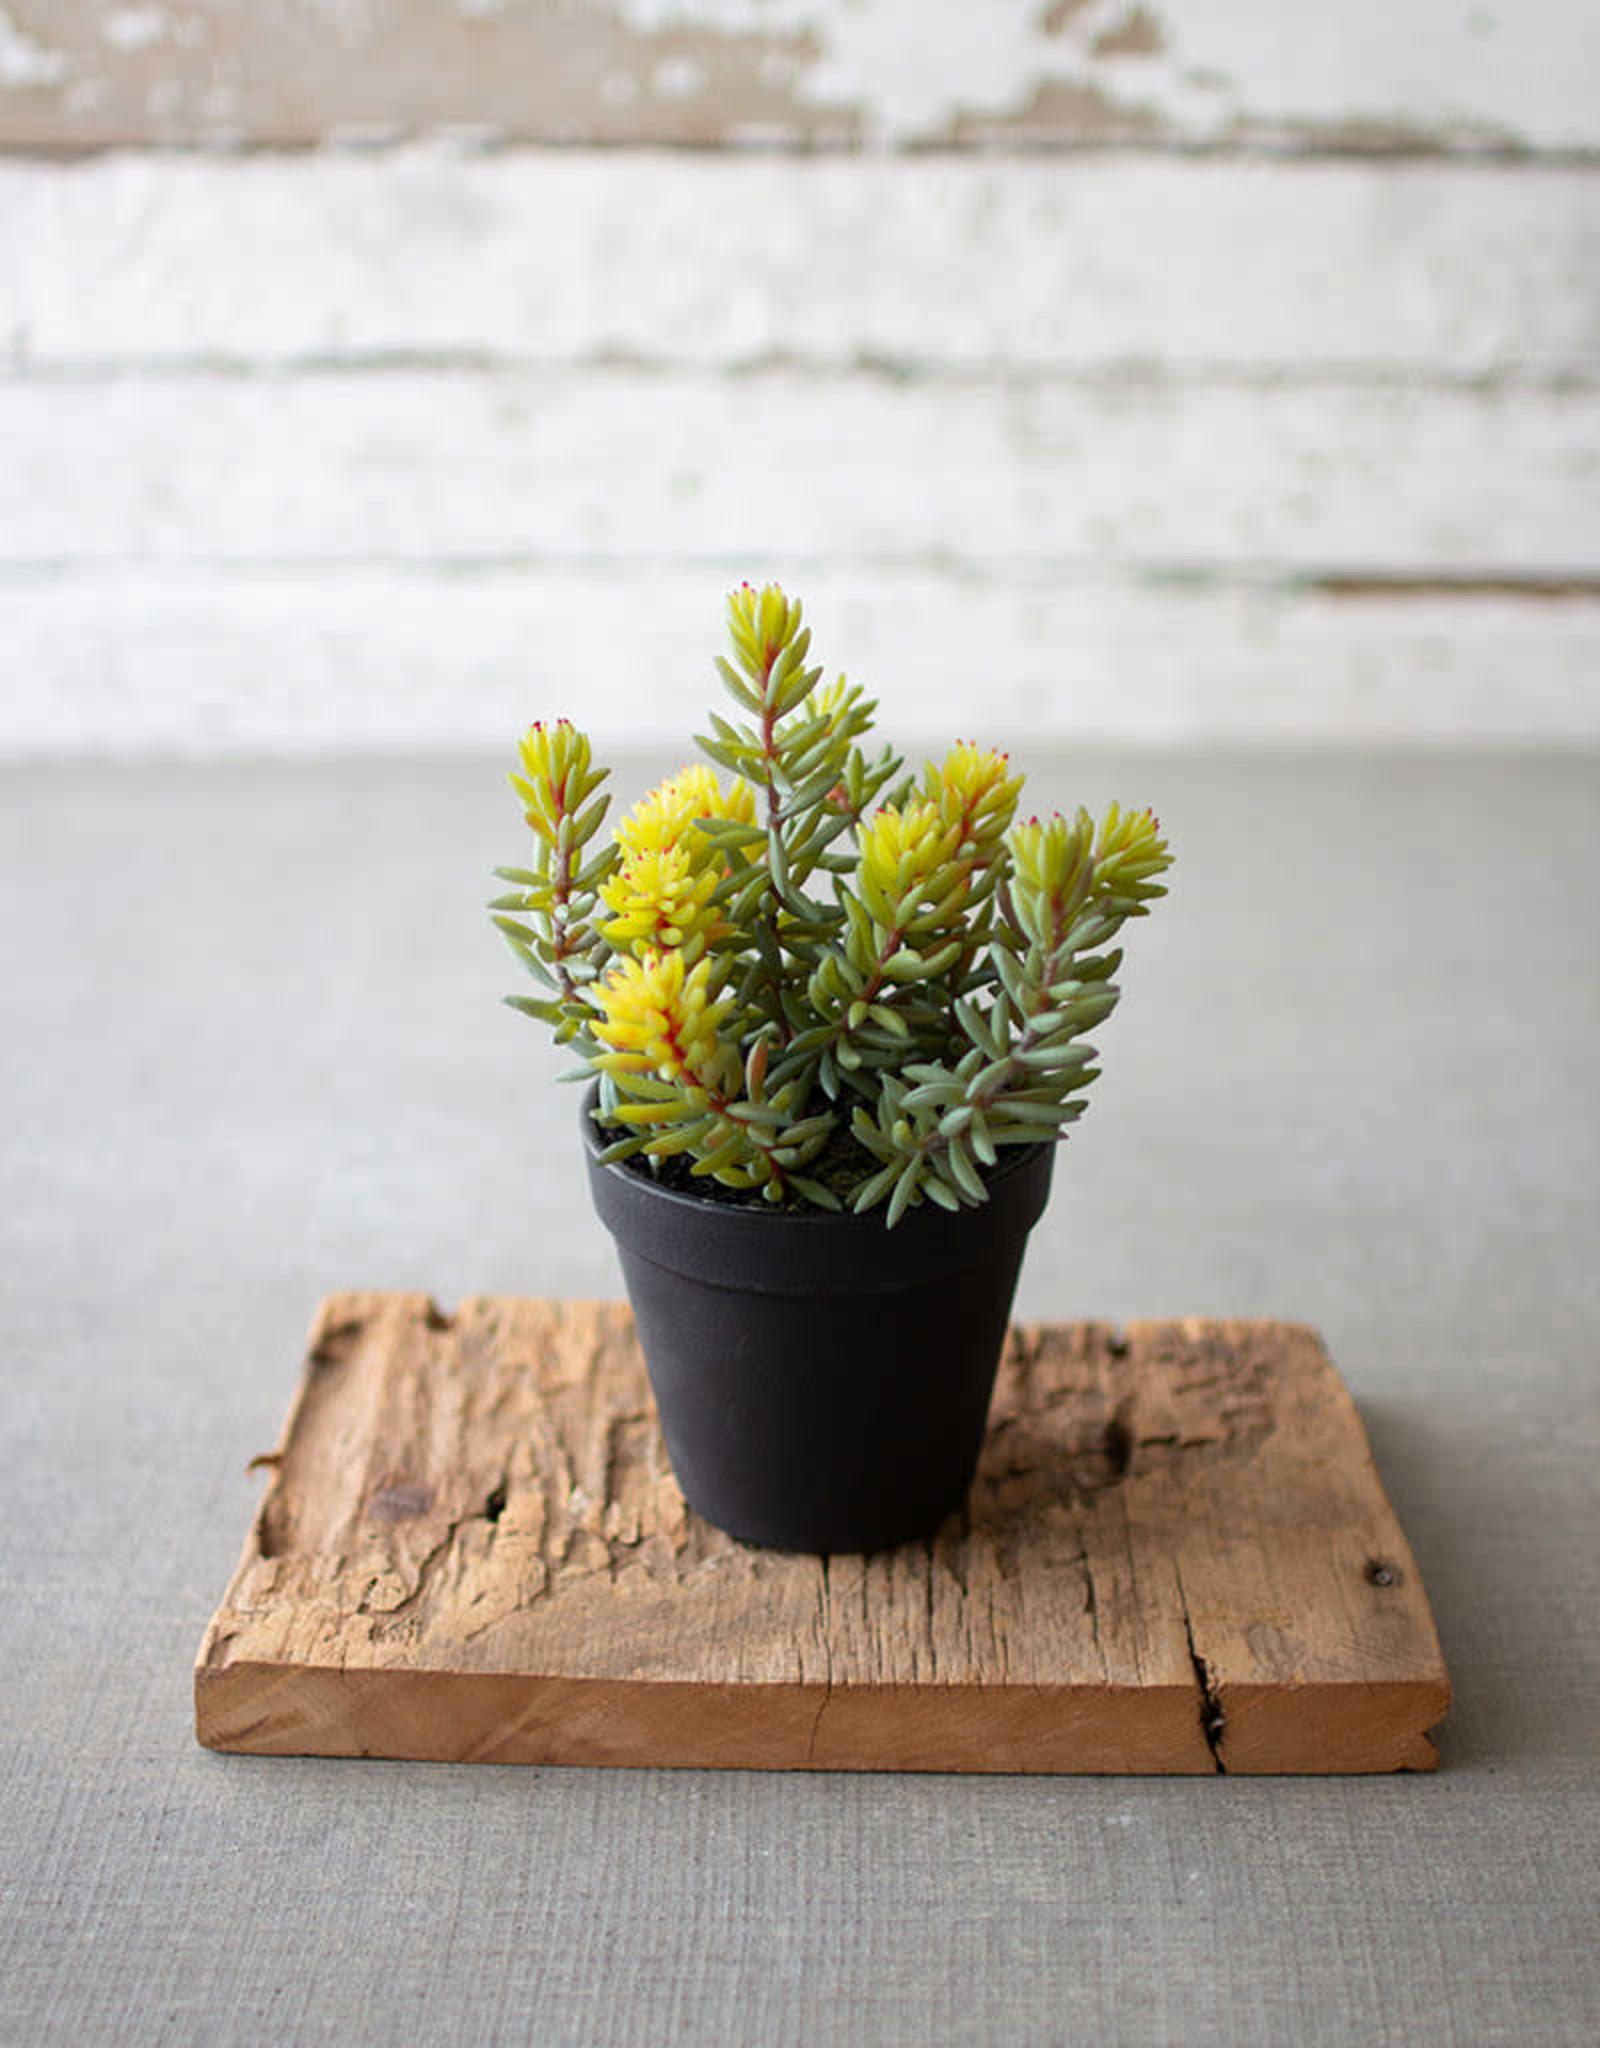 Kalalou Artificial Succulent in a black plastic pot